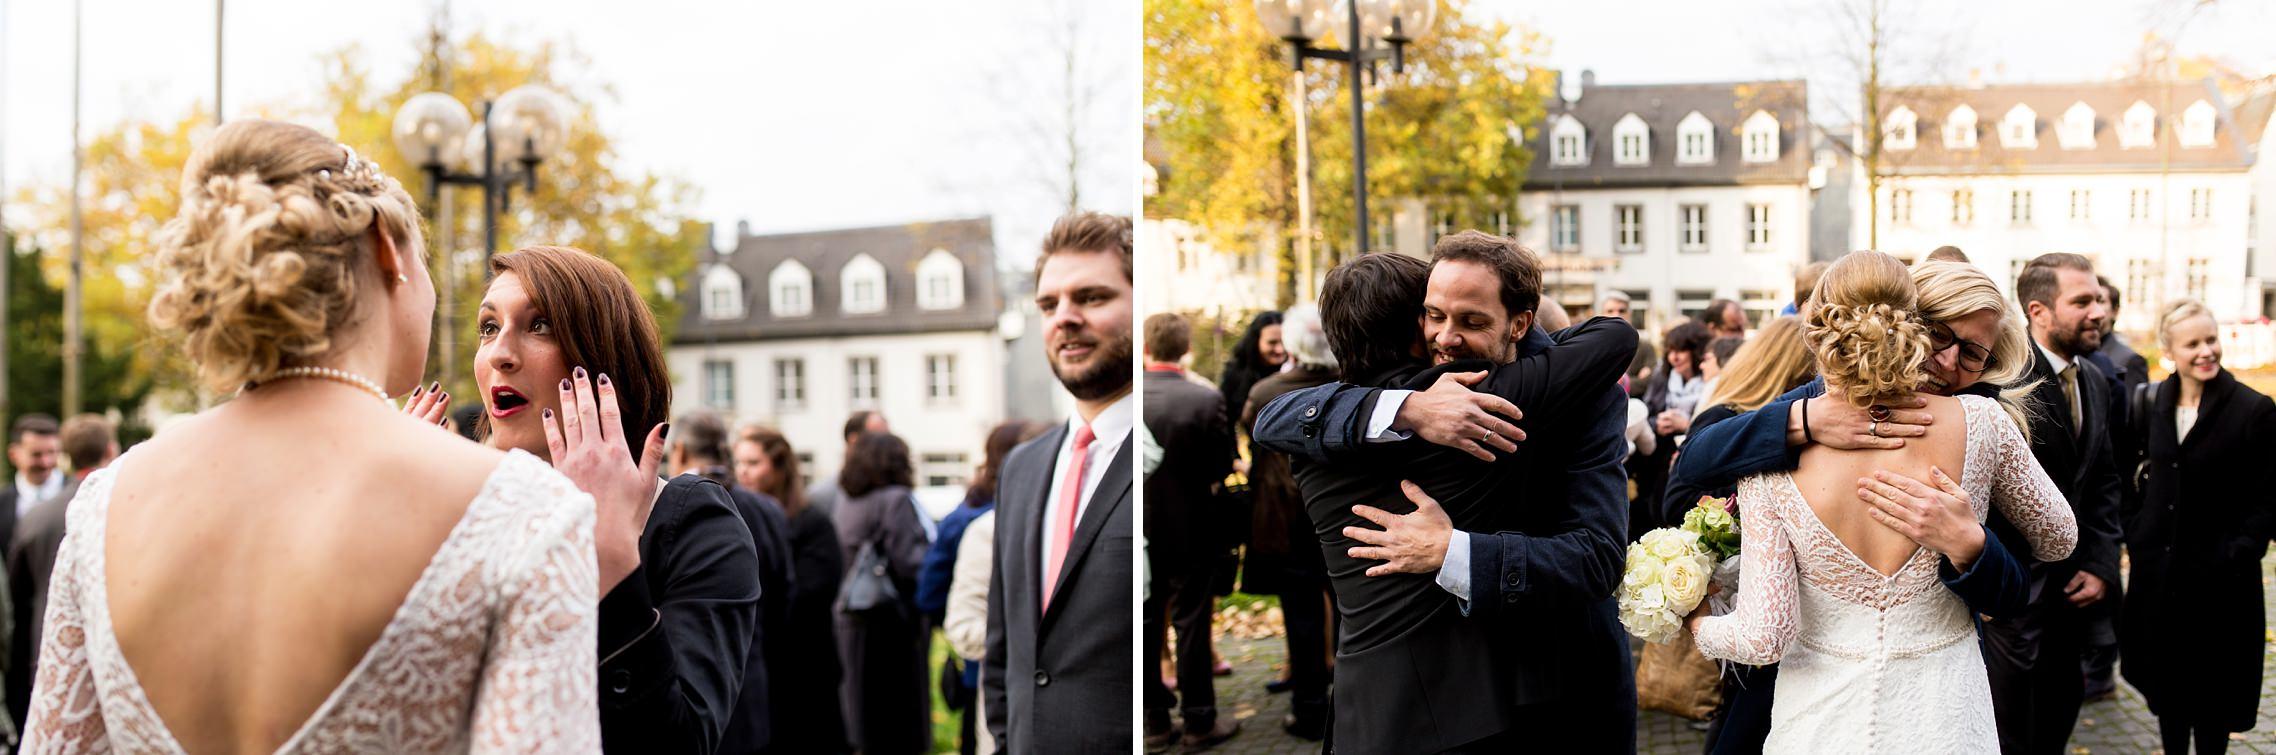 Emotionale Gratulationen der Gäste nach der Trauung in der Basilika in Werden